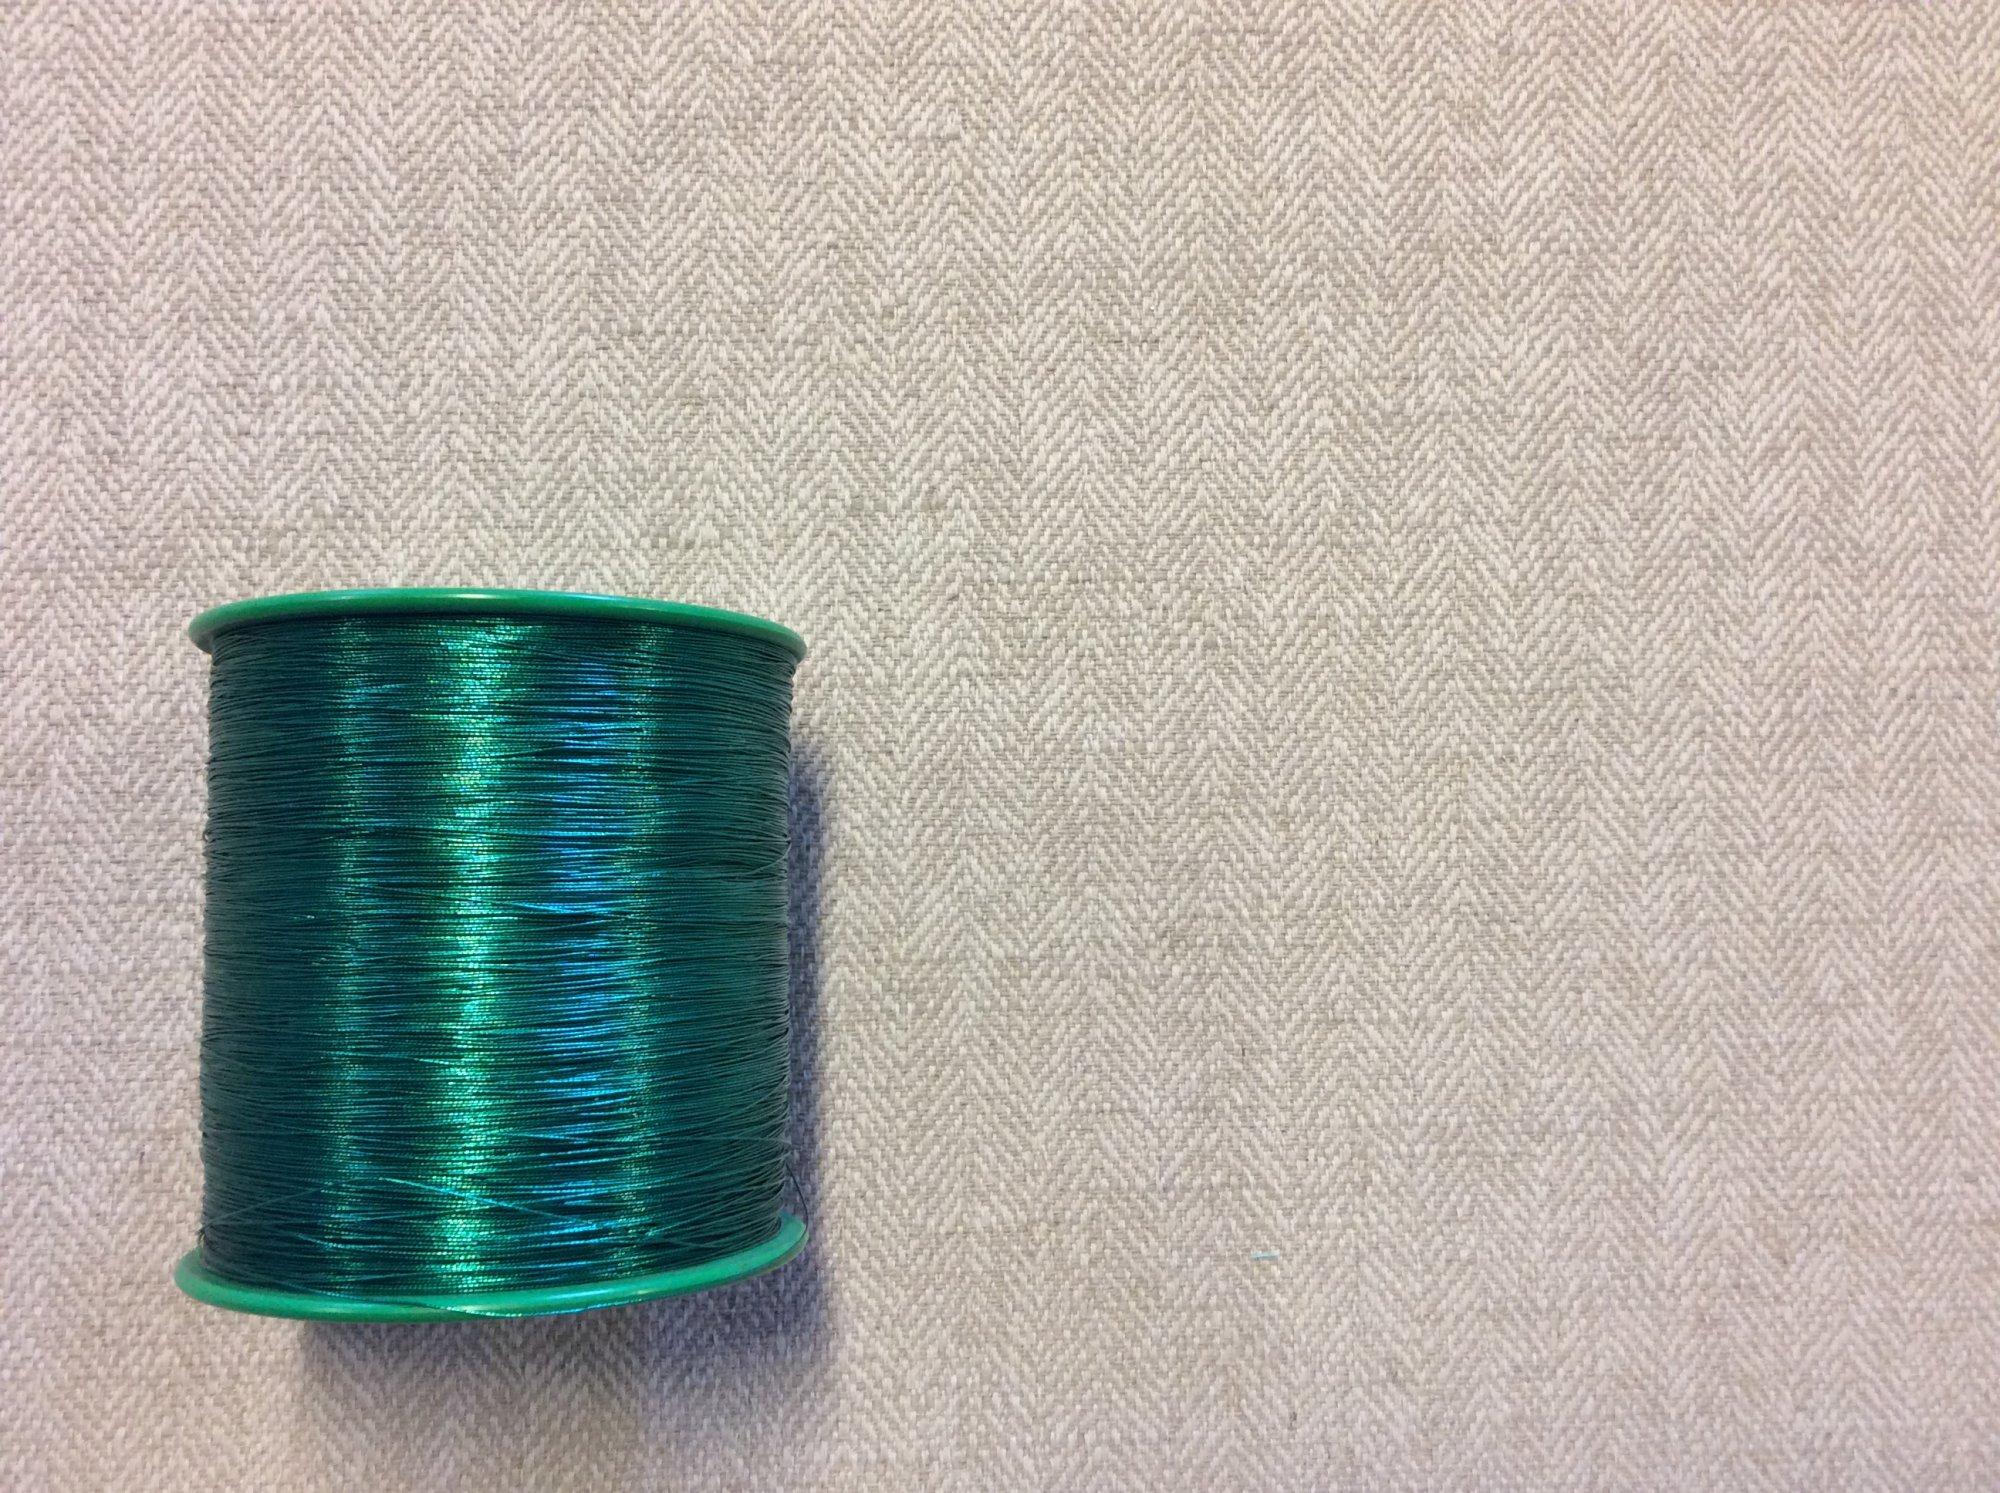 Metallic Green Fiber Thread Spool TRIM957